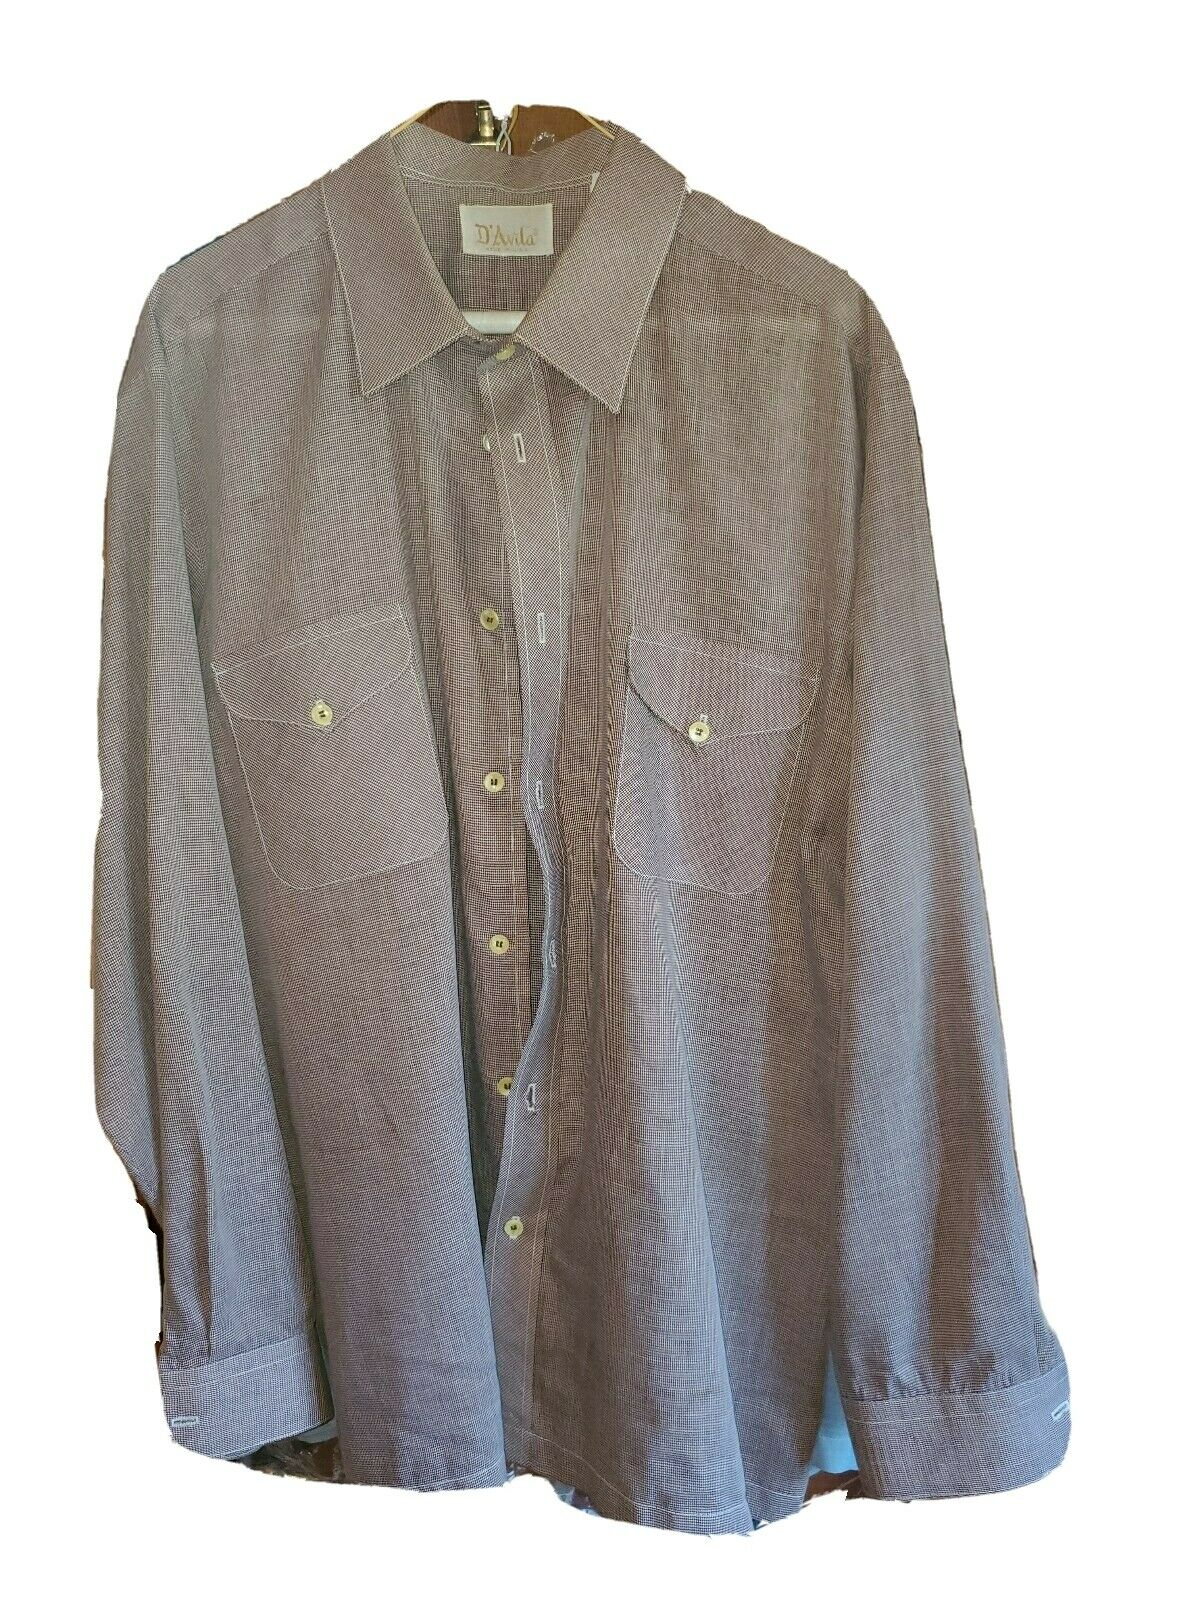 Vintage men's shirt XL 60's/ 70's - image 1